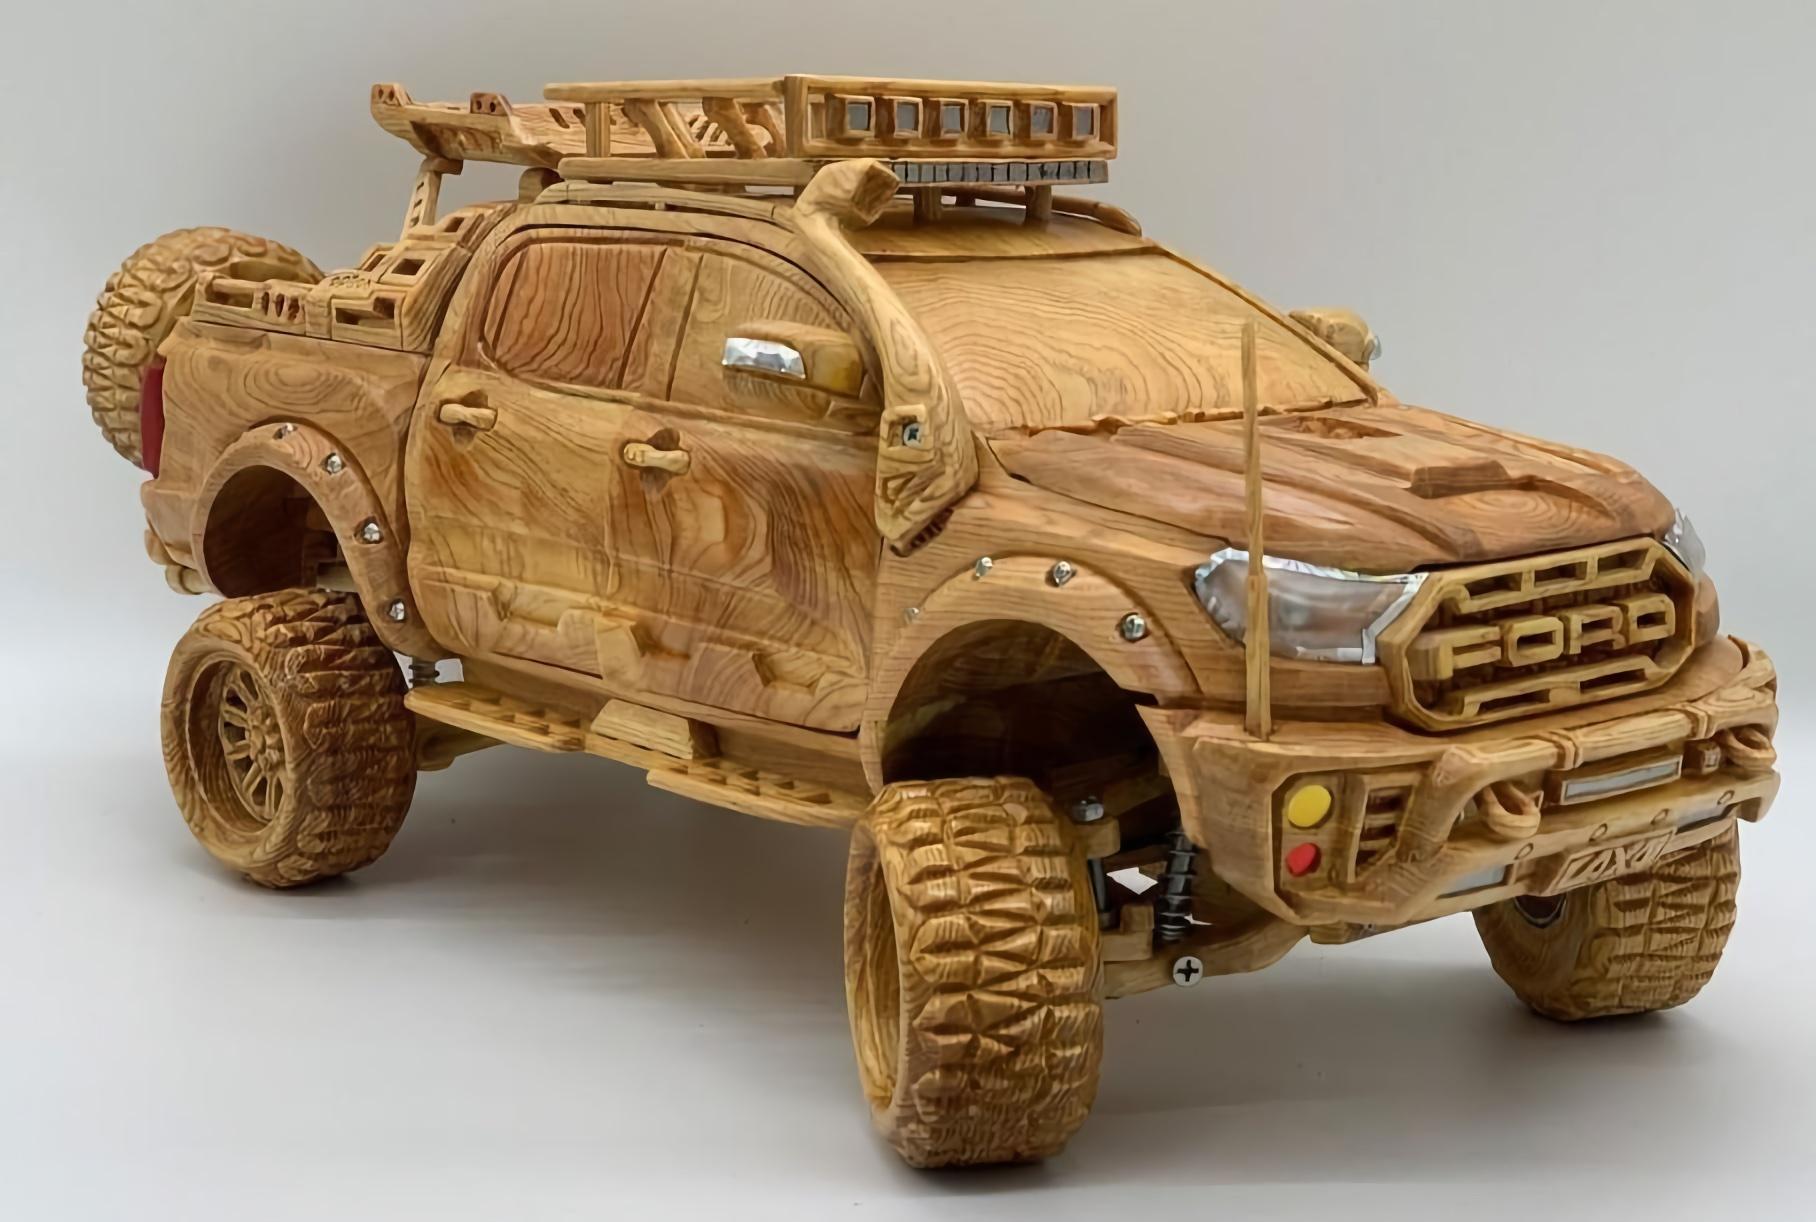 Уменьшенную копию Ford Raptor из дерева продают за 150 тысяч рублей